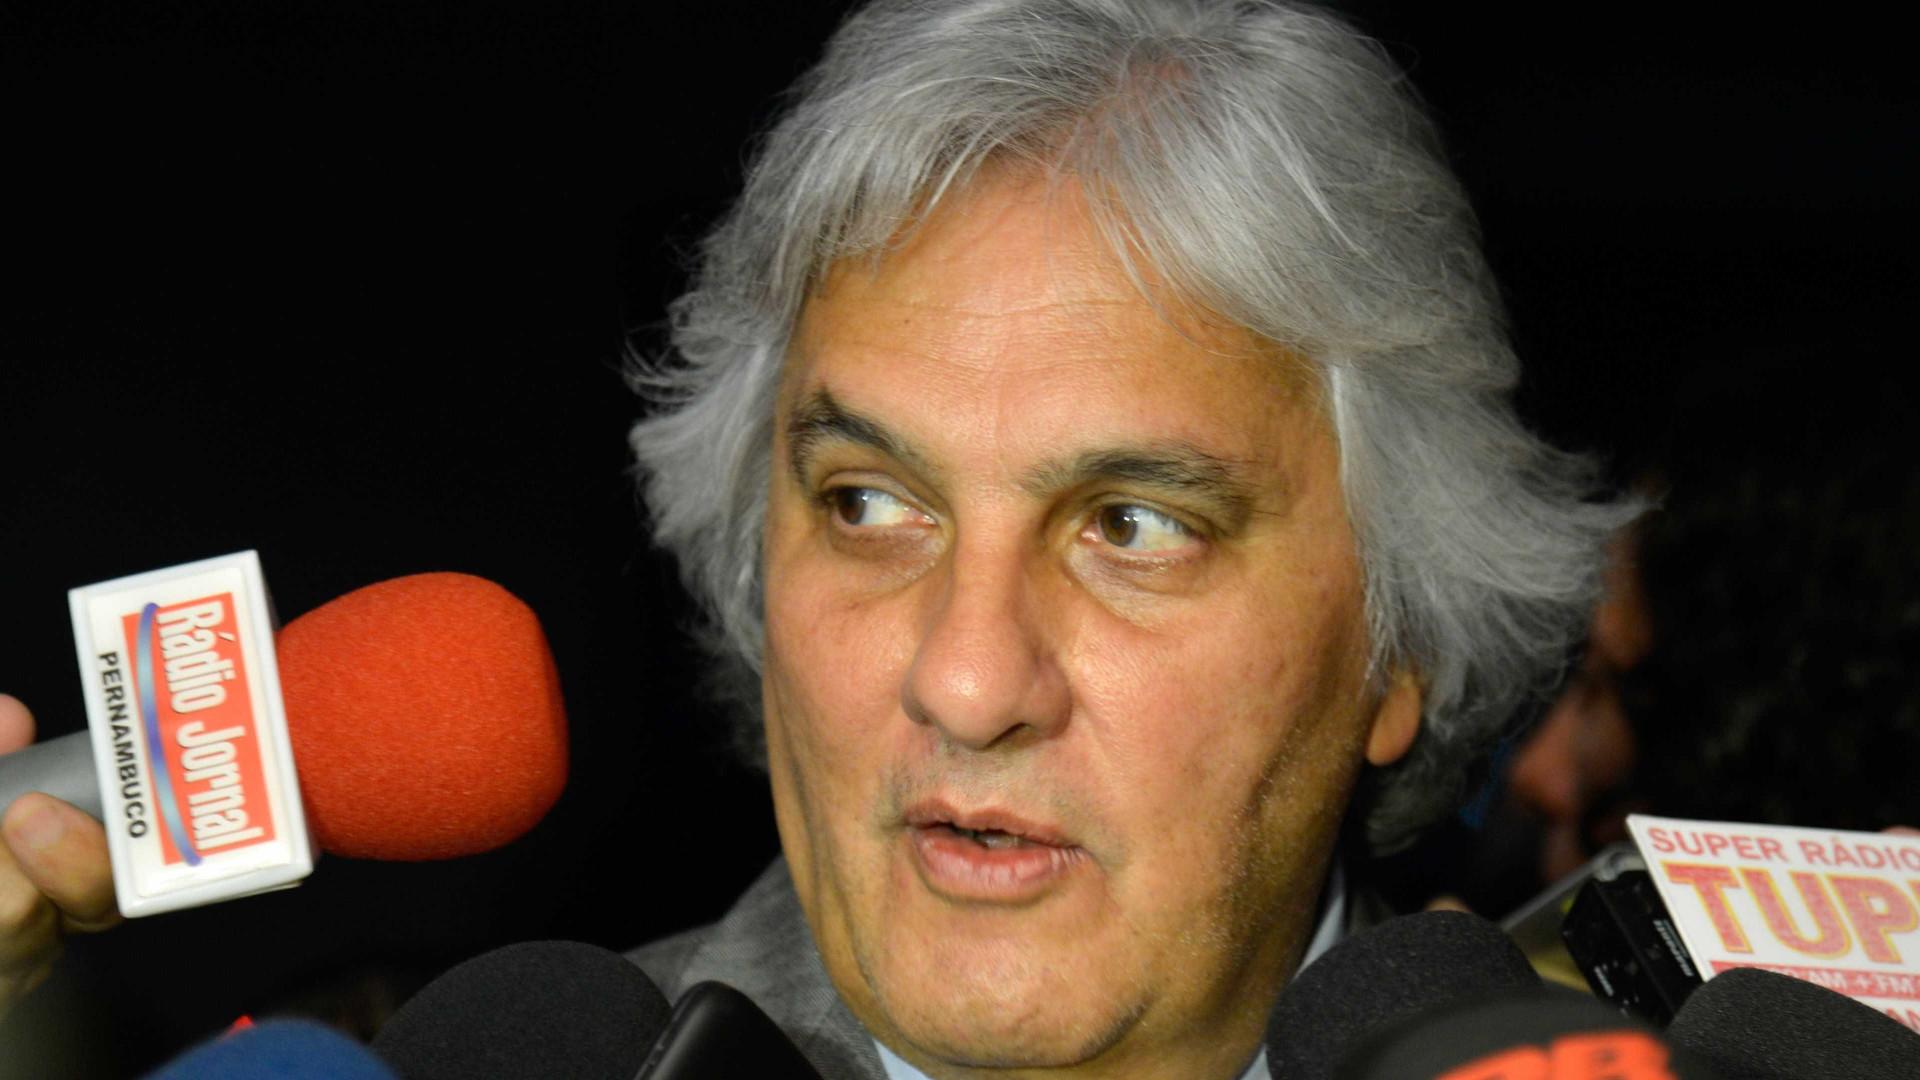 Delcídio fica transtornado em depoimento após saber das críticas de Lula